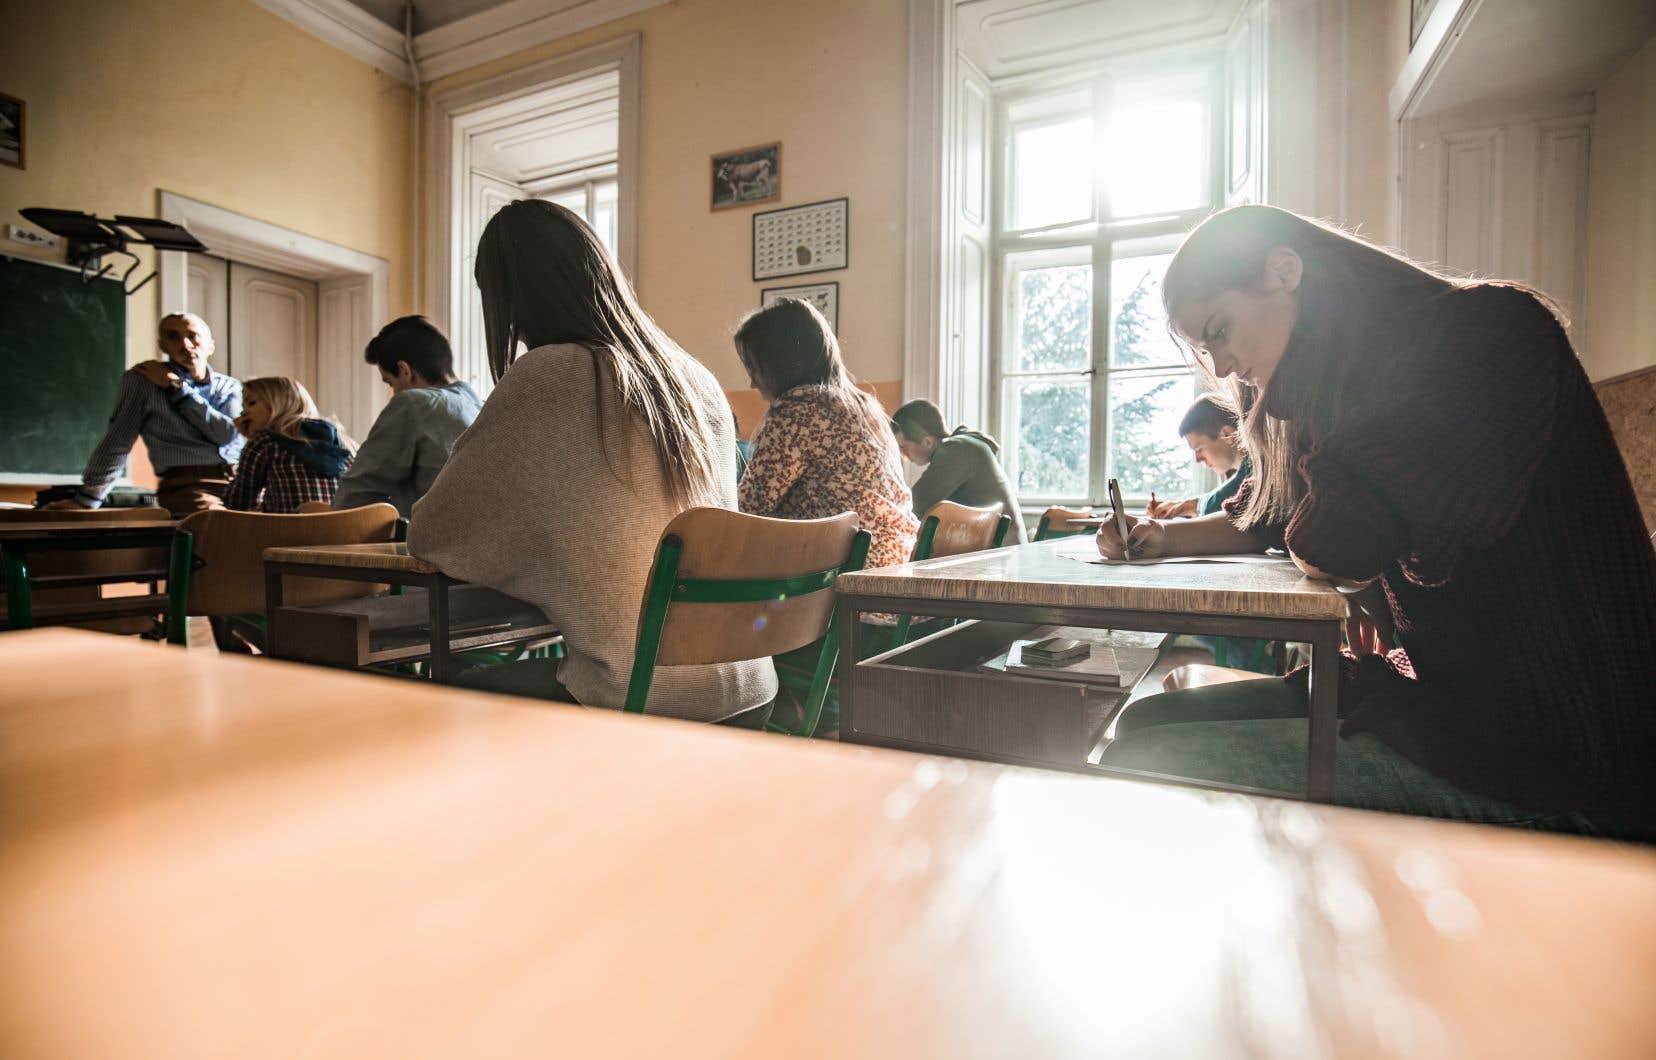 Le rapport Parent de 1963-64 a notamment recommandé la création du ministère de l'Éducation et des cégeps, la scolarisation obligatoire jusqu'à 16ans, la formation poussée des enseignants et l'accès facilité aux universités.